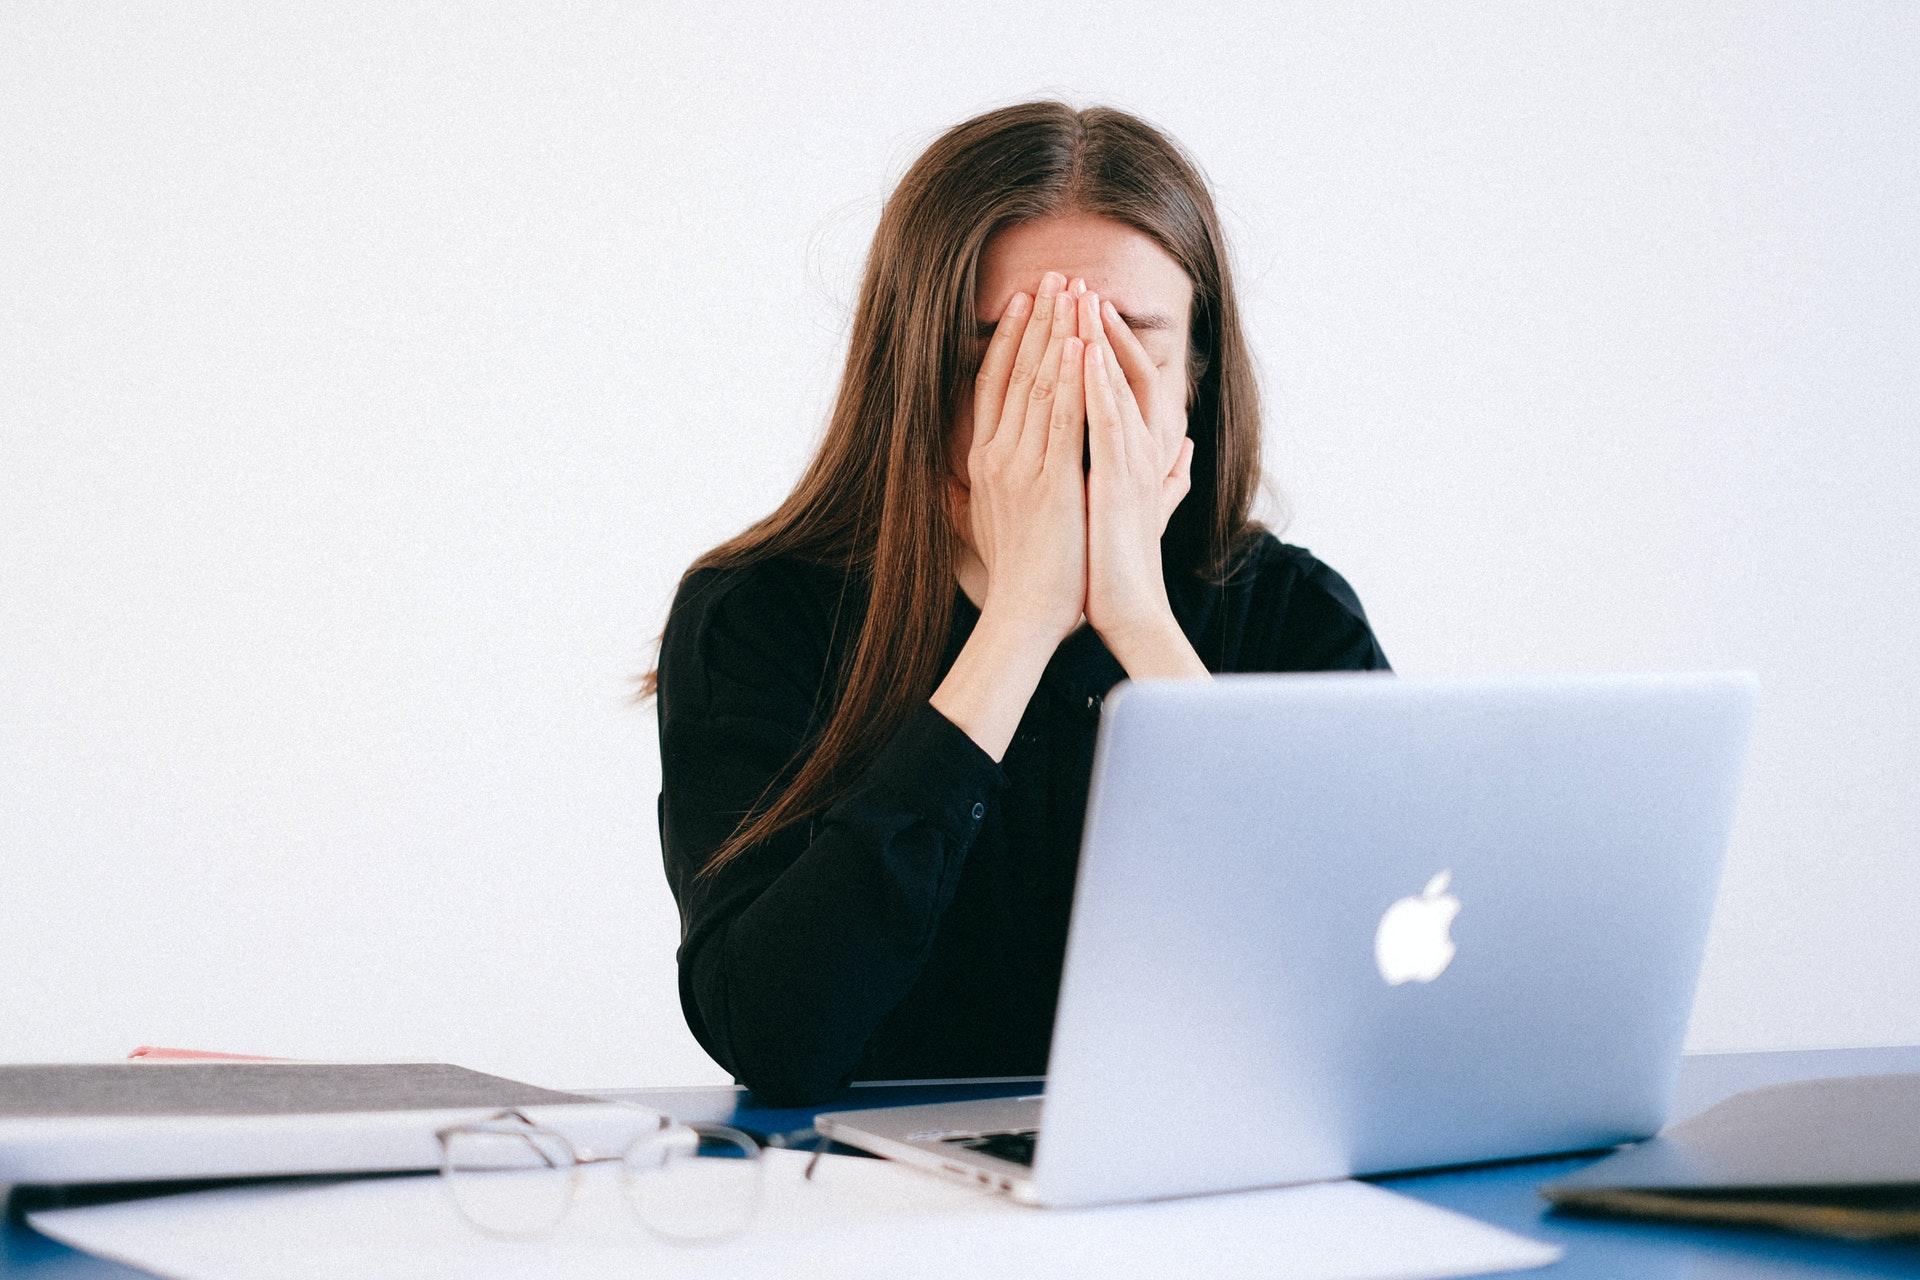 stressi ja työuupumus